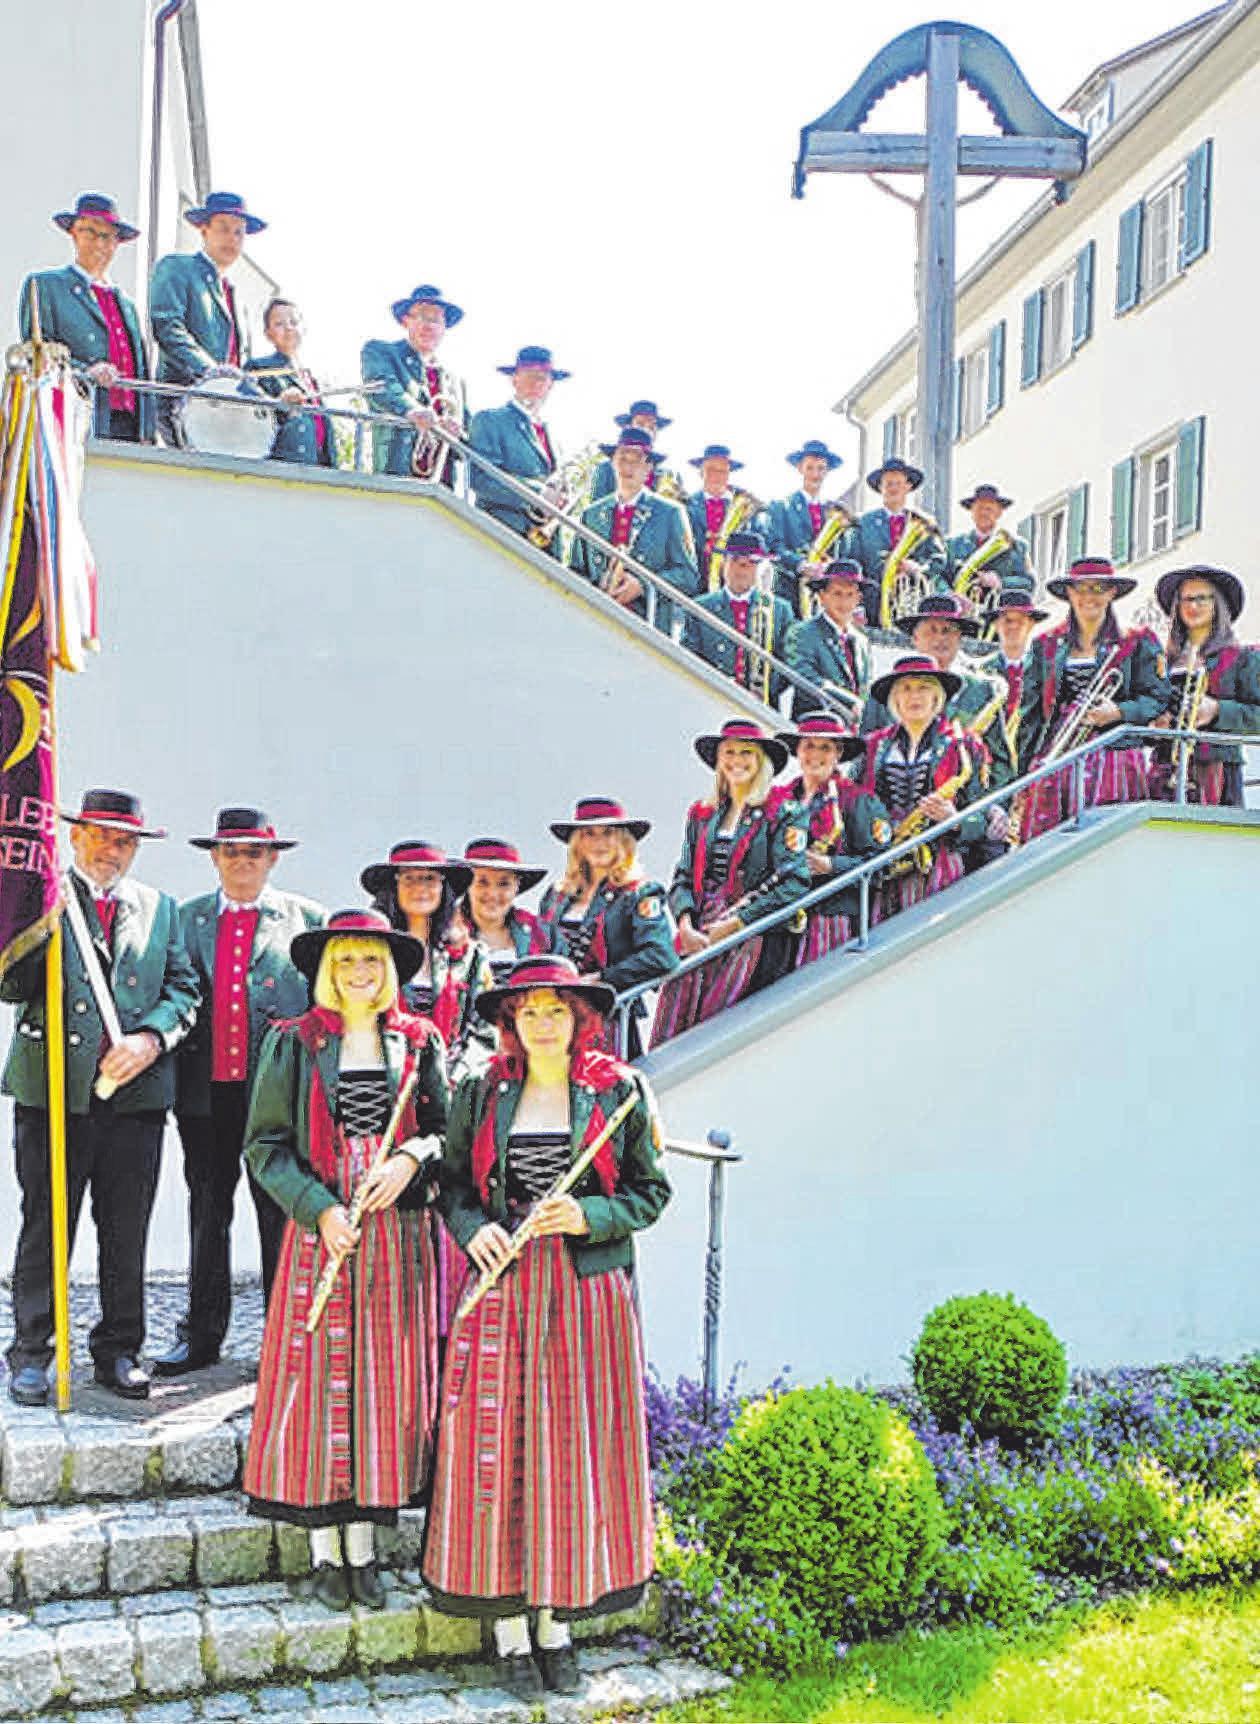 Der Musikverein Königseggwald hat's nicht nur musikalisch drauf, er ist auch beim Feiern einsame Spitze. <div>FOTO: MUSIKVEREIN KÖNIGSEGGWALD</div>